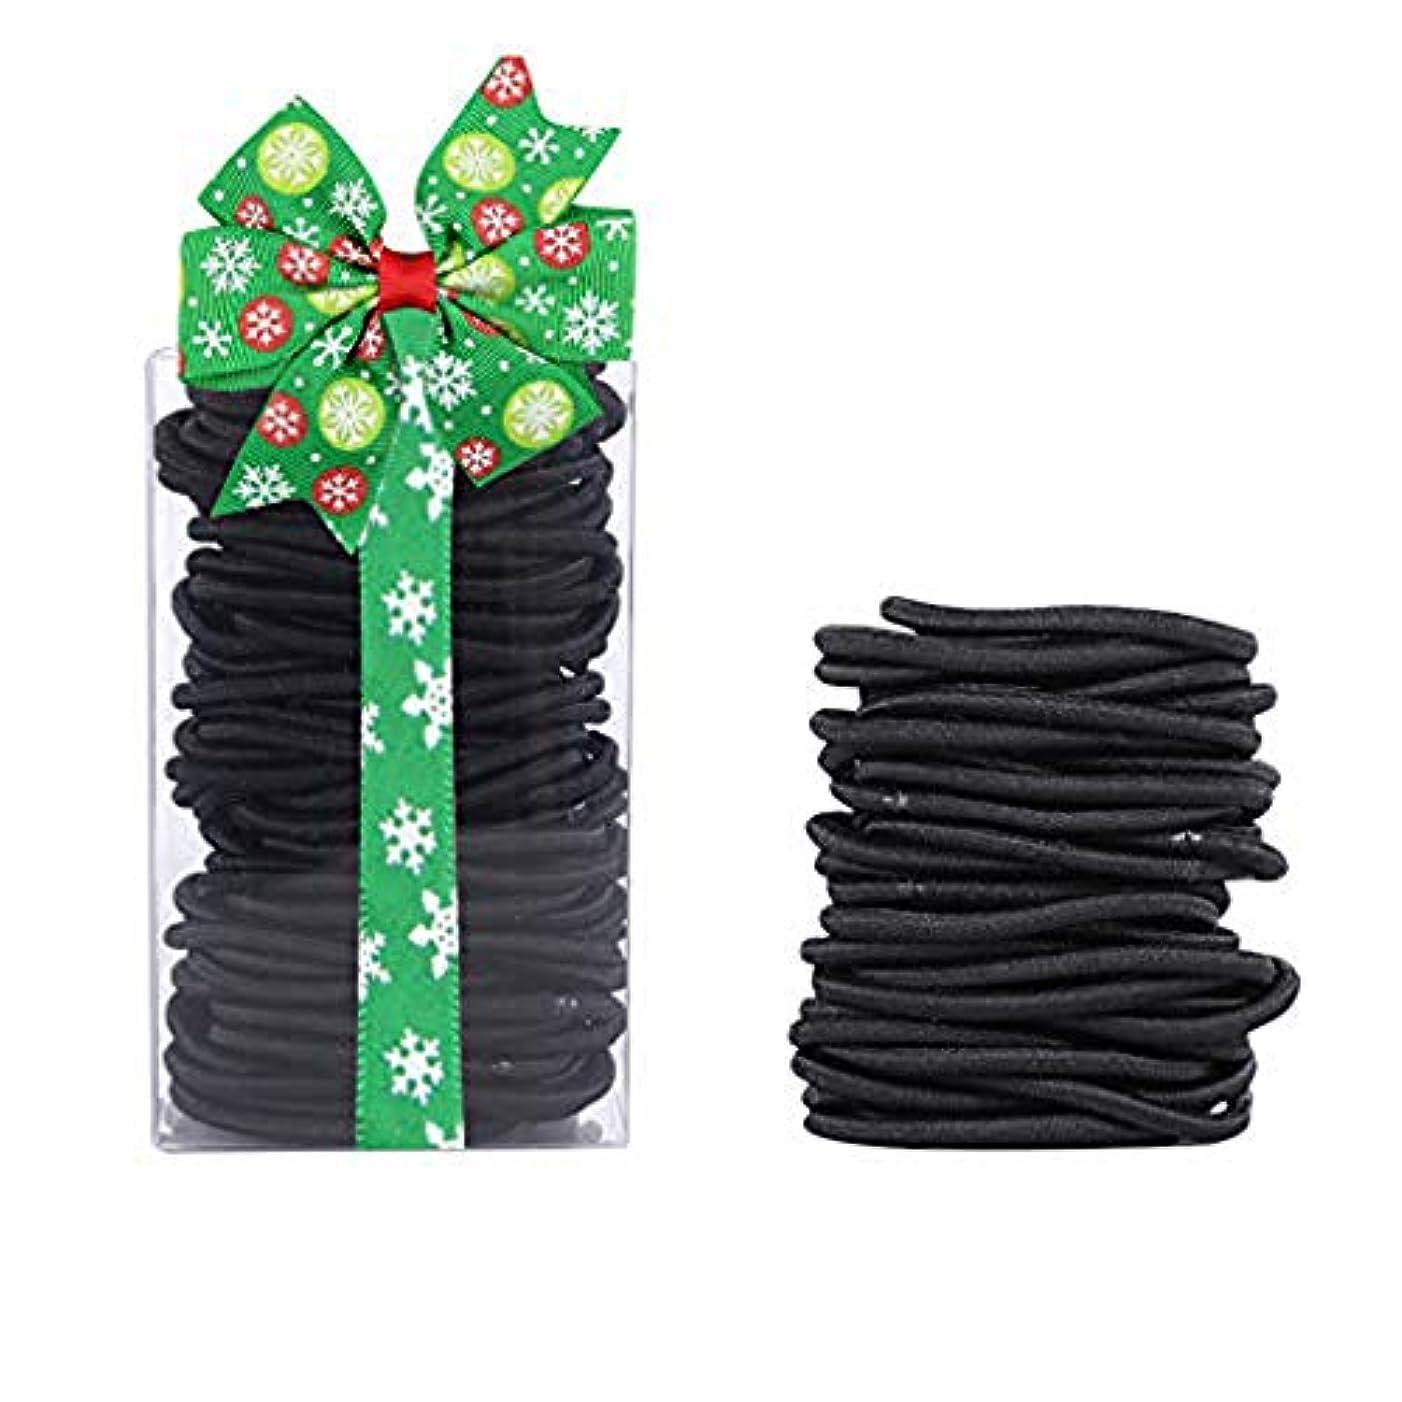 四回幻滅する彫刻ヘアゴム リングゴム、余分な厚い髪のエラスティック編みの弾性、ミディアムヘアの100本 結び目?接合なしタイプ (ブラック4mm)